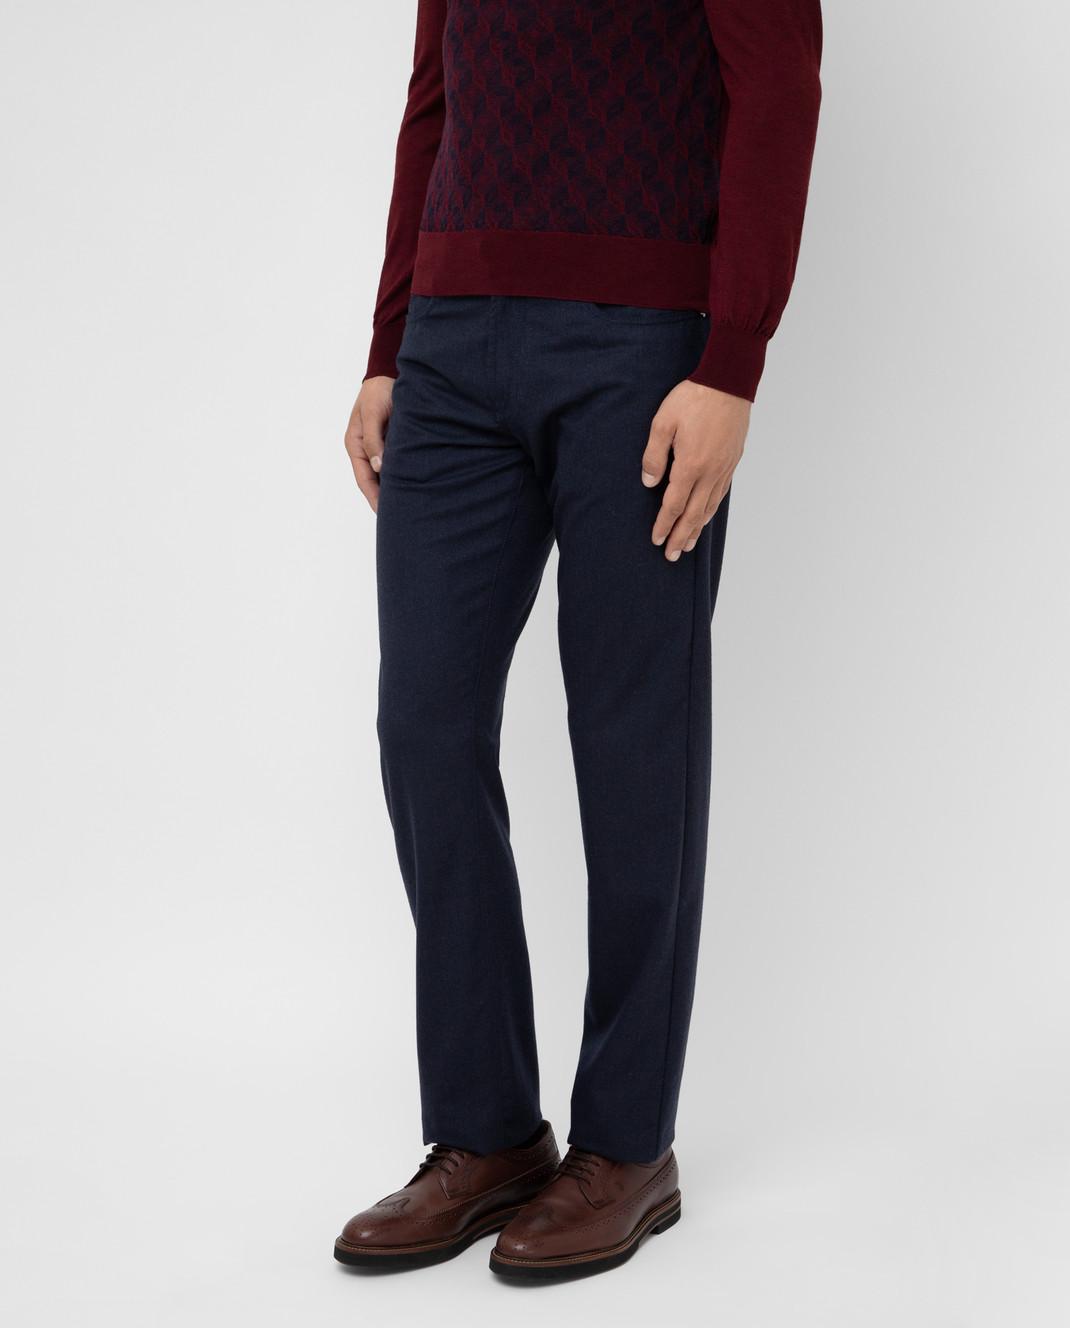 Scissor Scriptor Темно-синие брюки из шерсти изображение 3